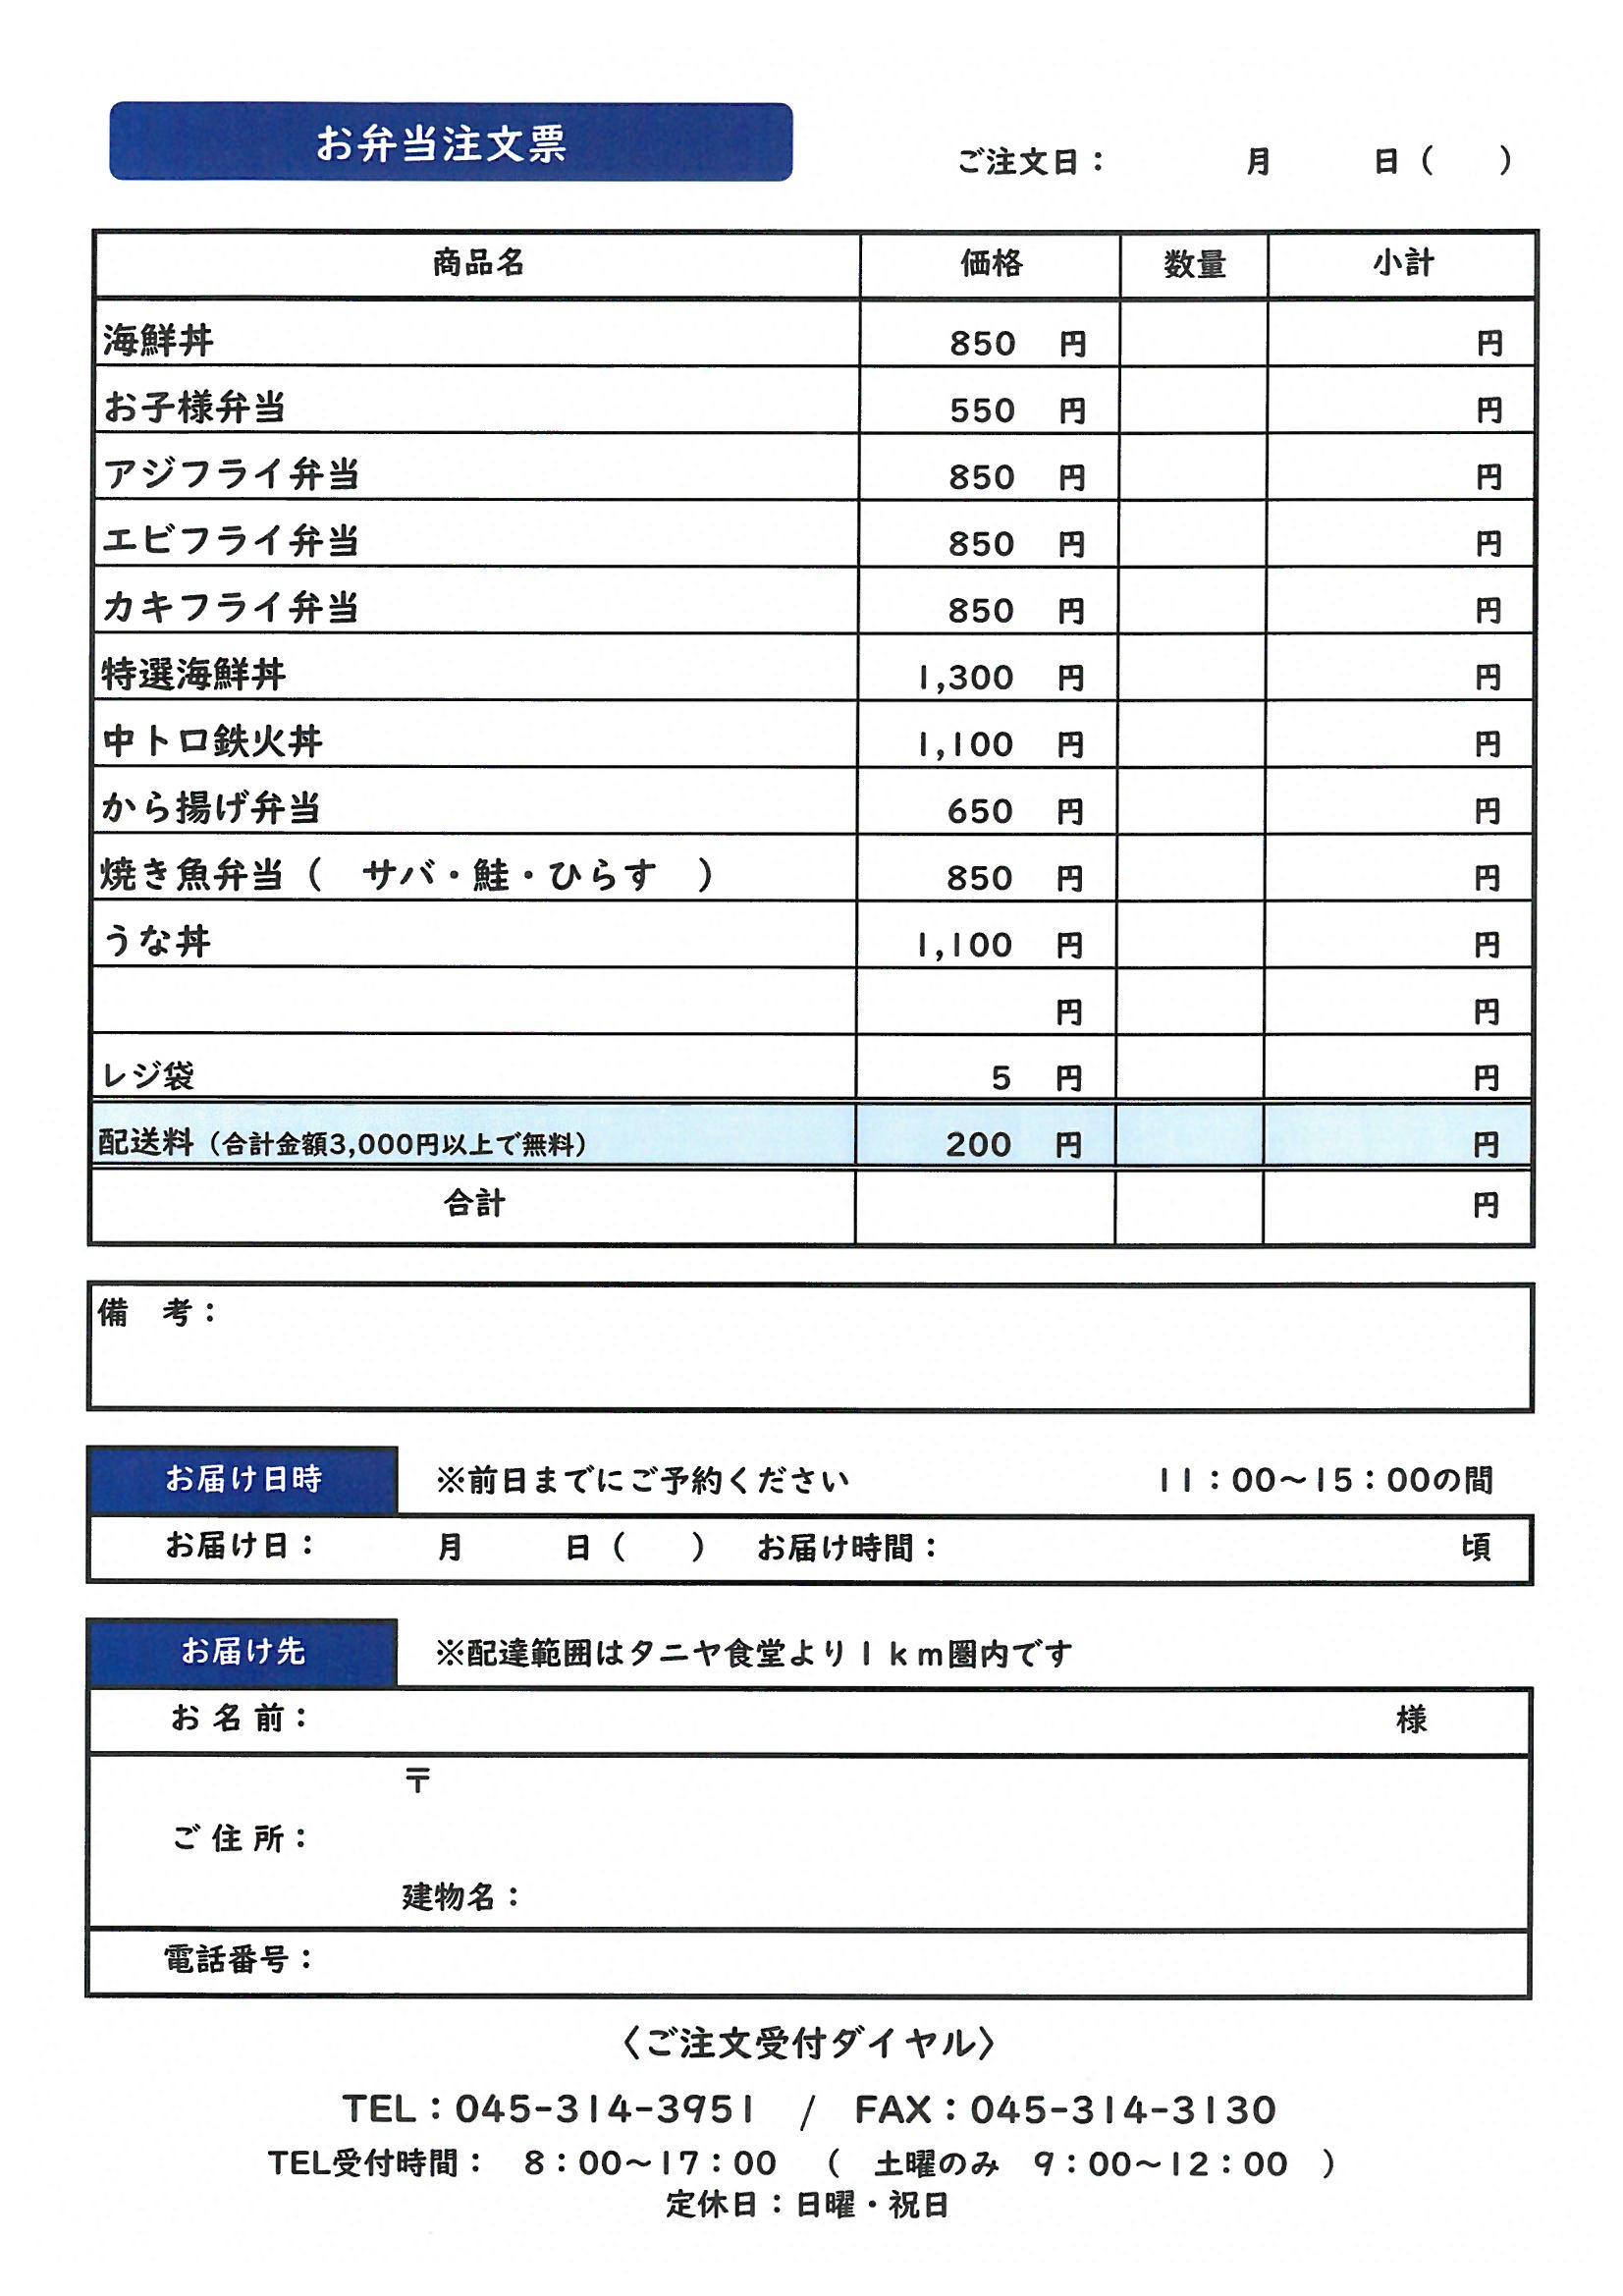 https://shop.gyorankobo.jp/wp-content/uploads/2020/09/S28C-620090109461_0001.jpg